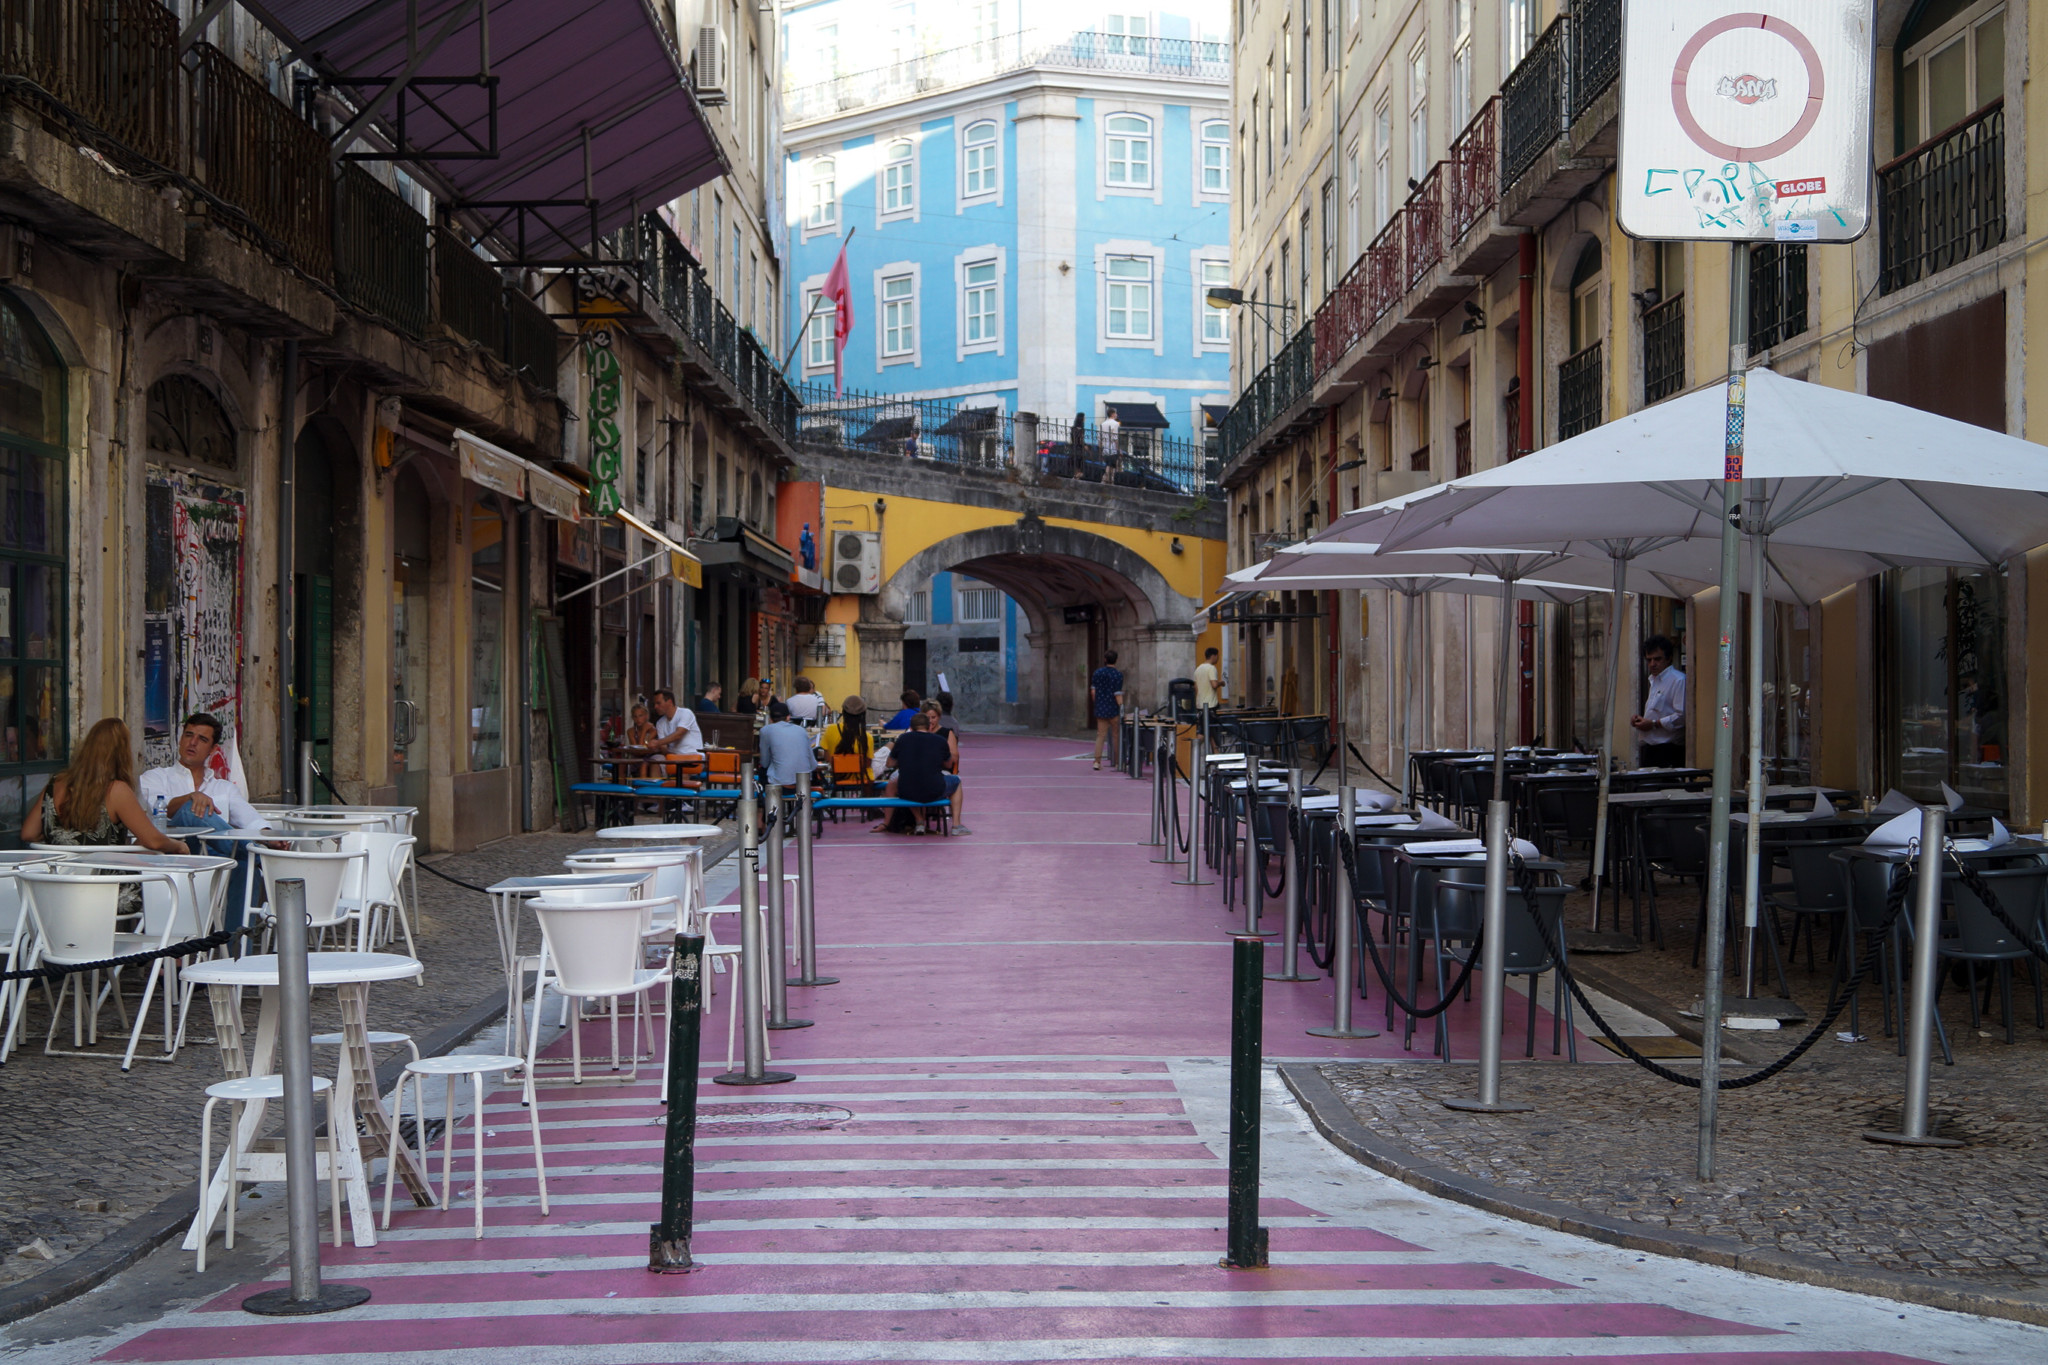 Pink Street ist einer der touristischeren Lissabon Tipps